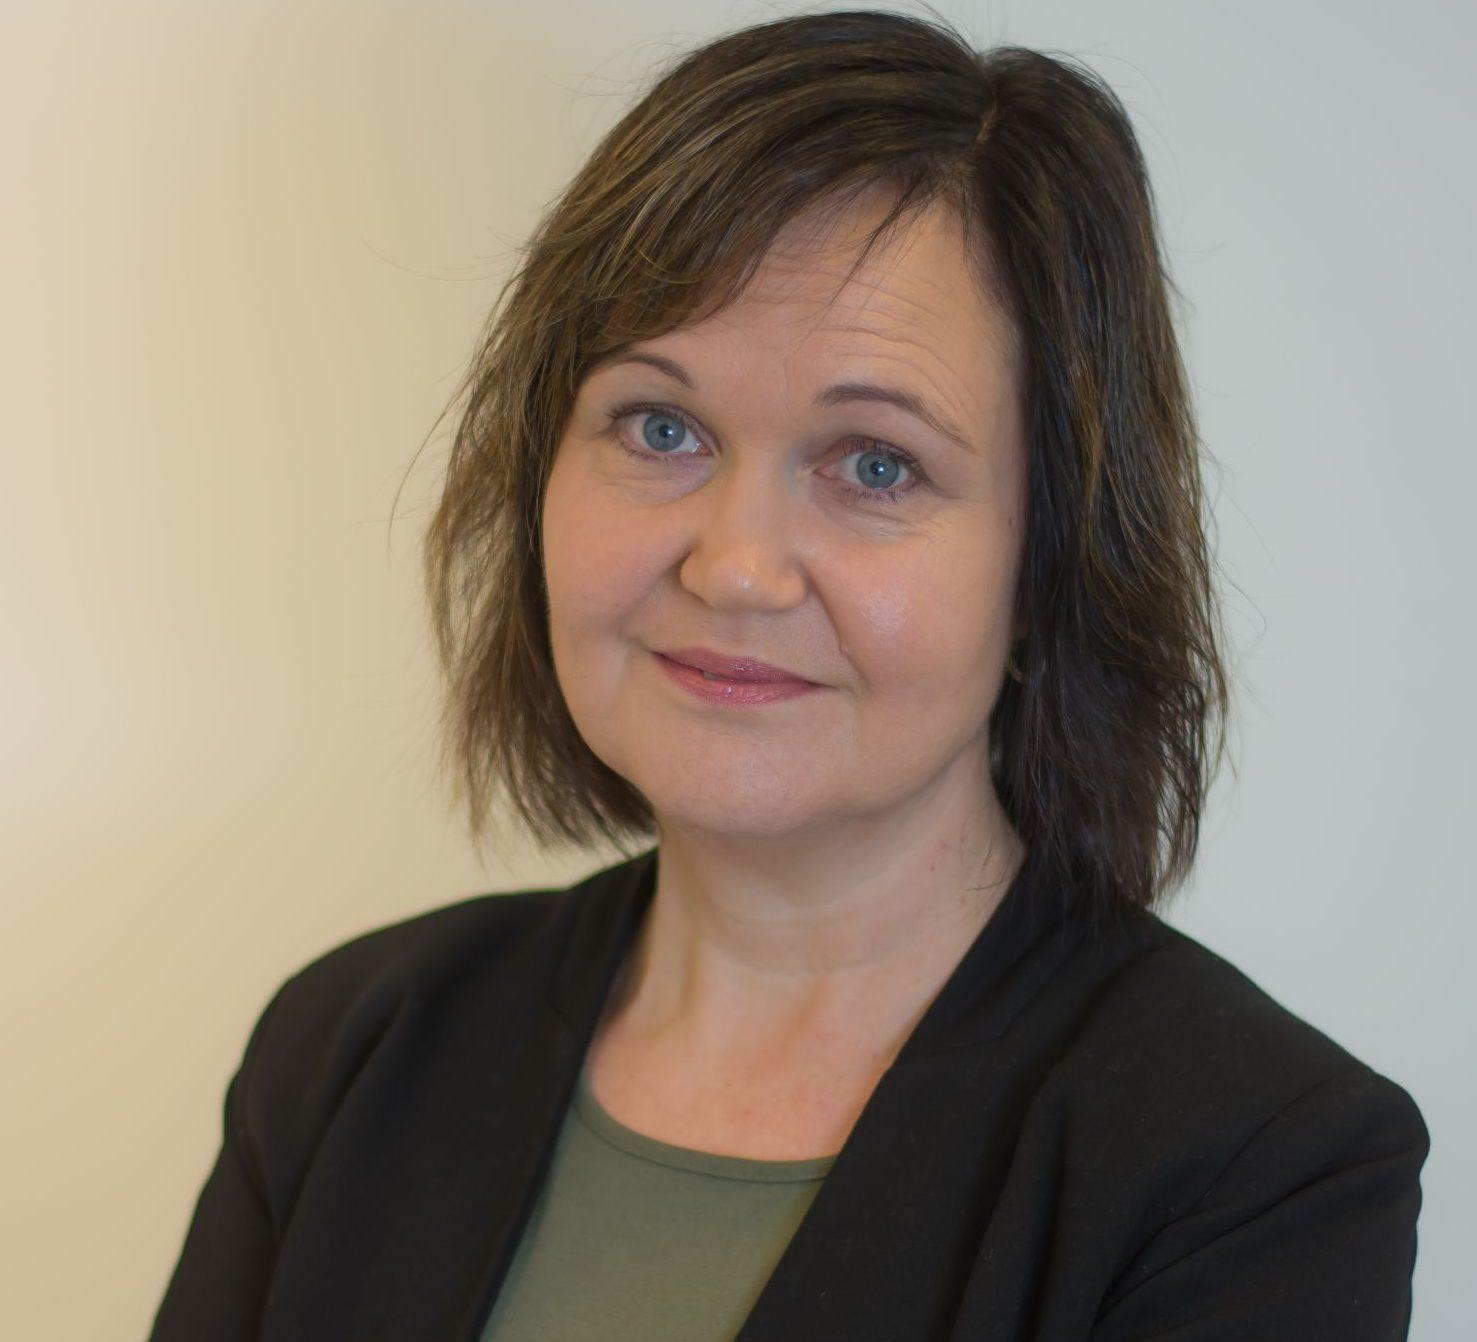 Johanna Vaitomaa